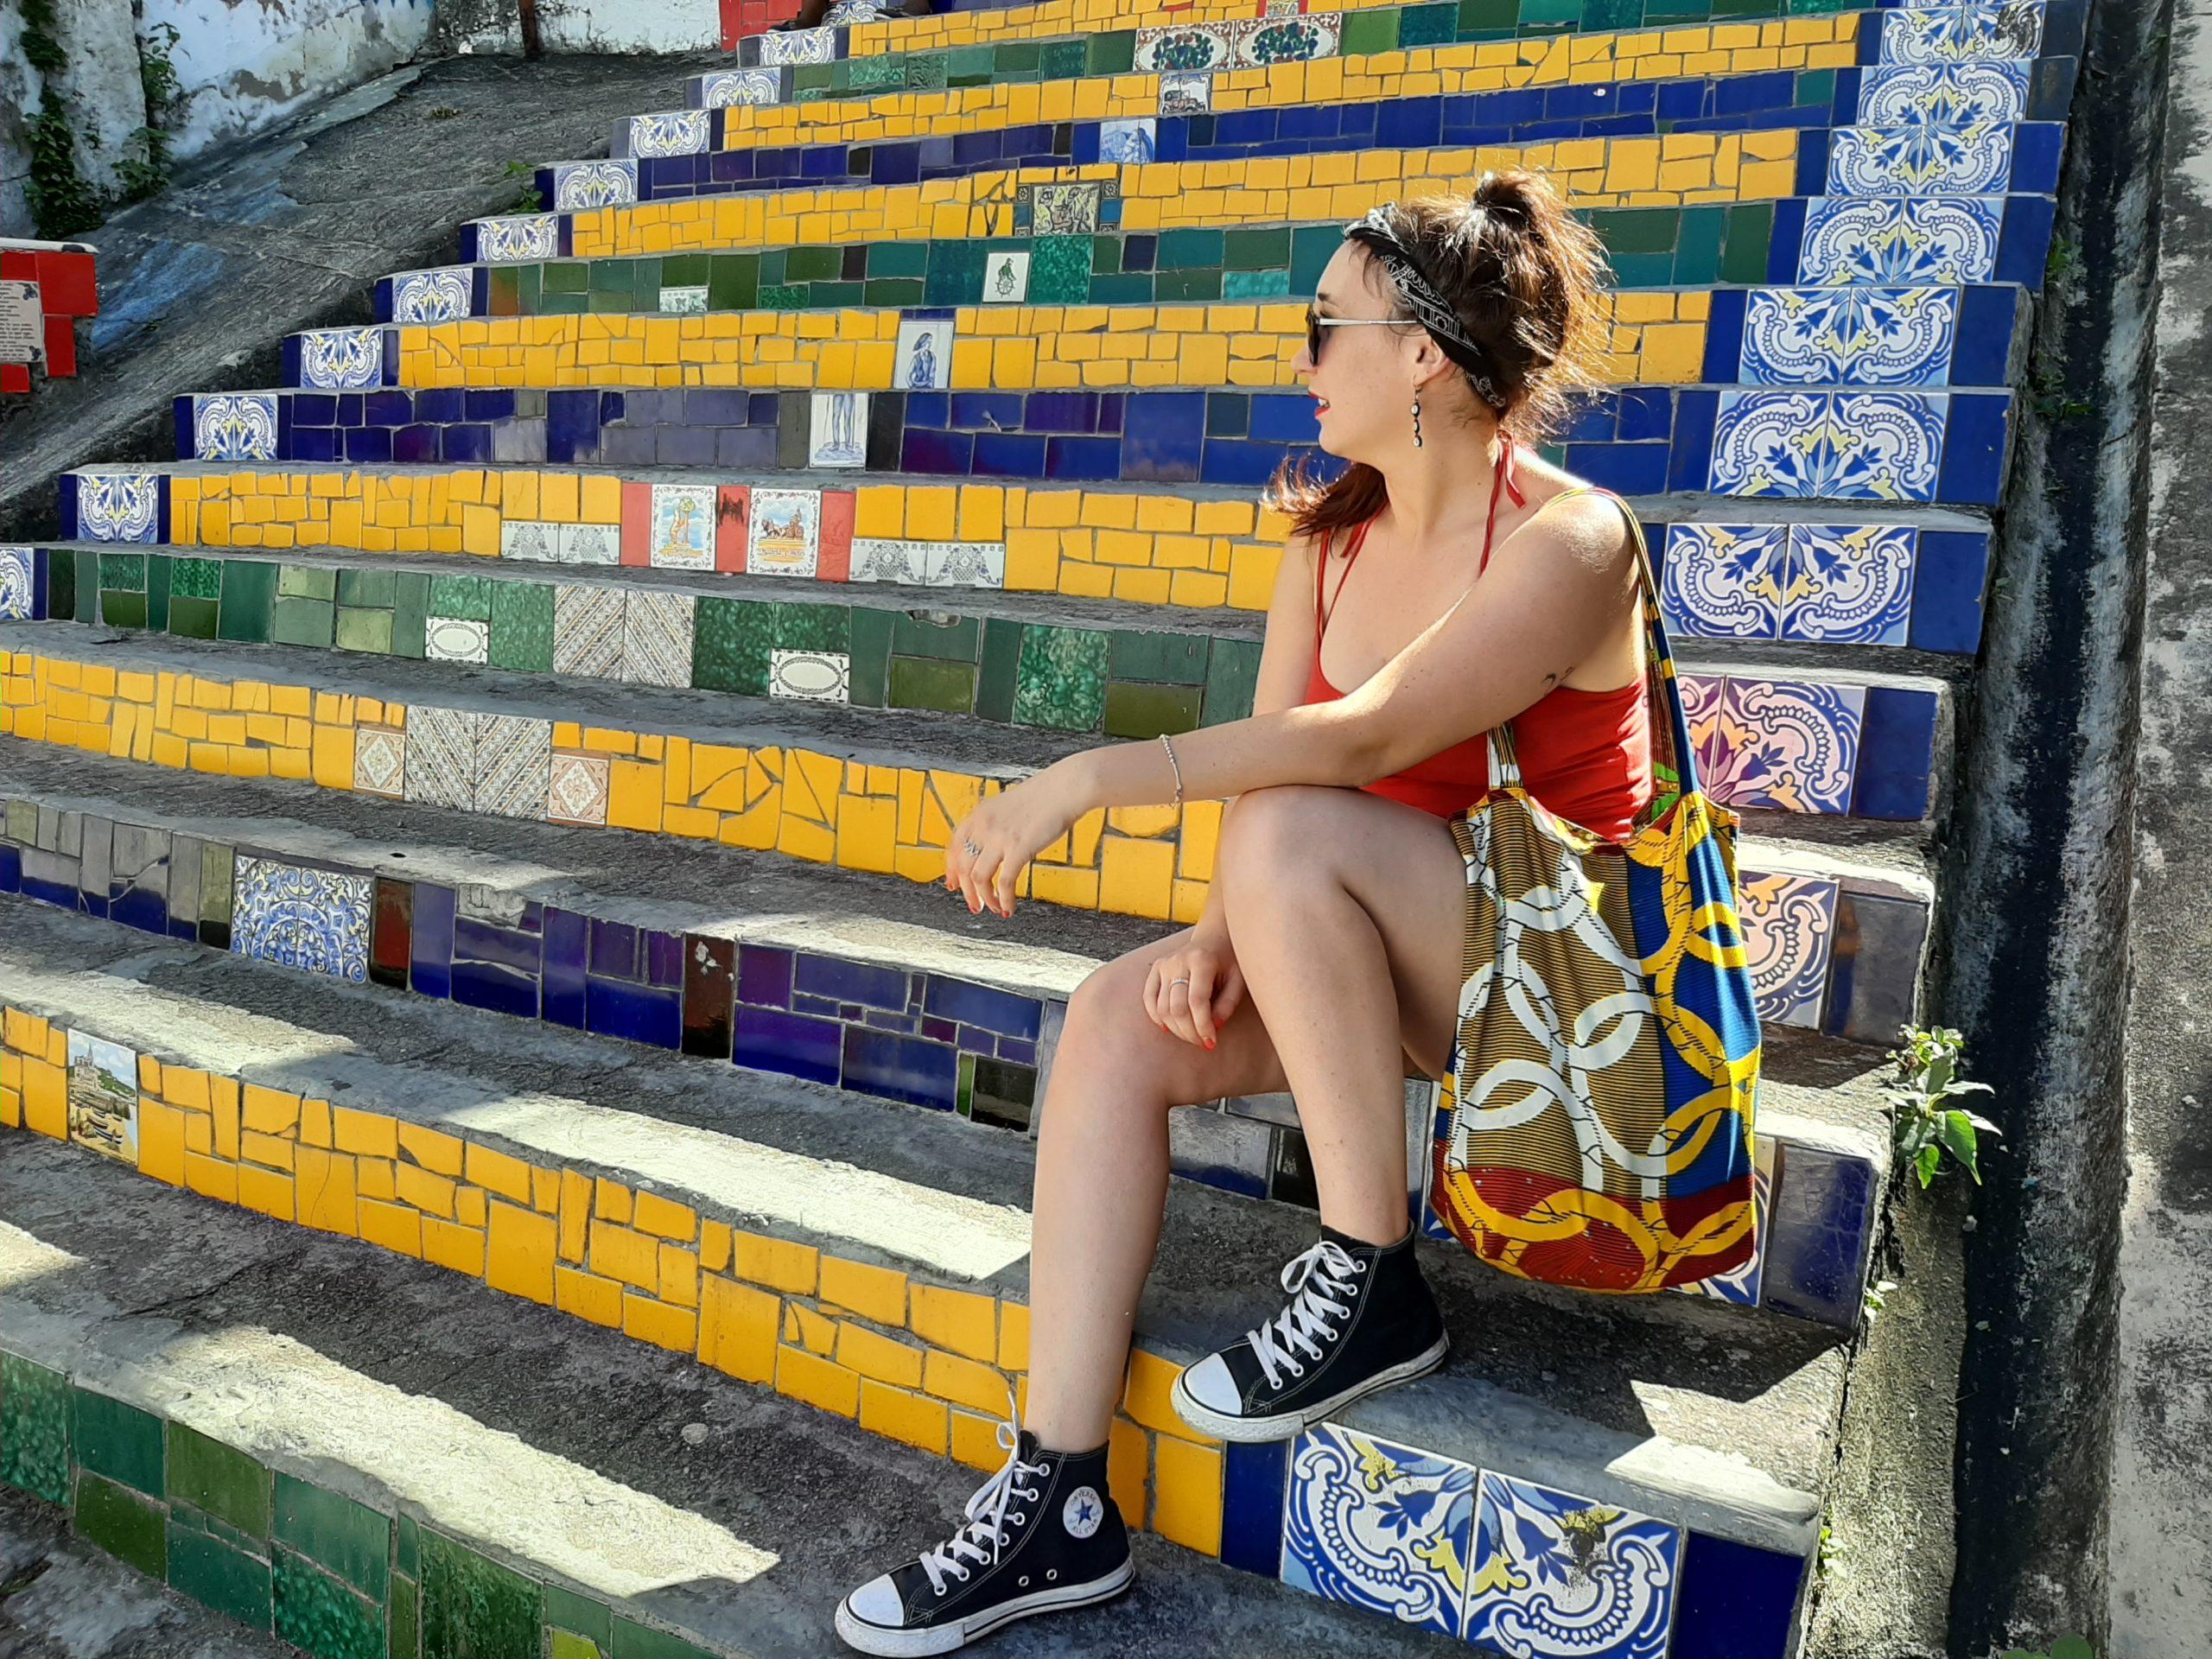 Ctravel Diaries Voyage feministe voyager seule